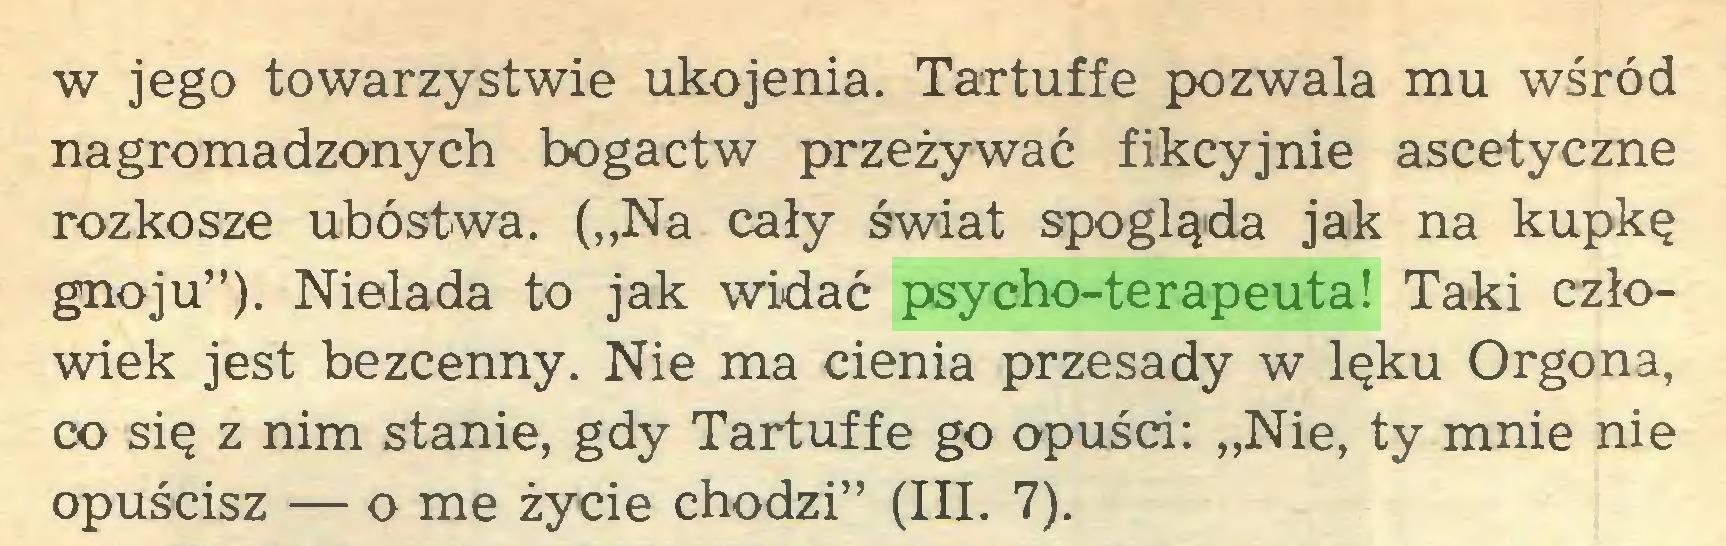 """(...) w jego towarzystwie ukojenia. Tartuffe pozwala mu wśród nagromadzonych bogactw przeżywać fikcyjnie ascetyczne rozkosze ubóstwa. (""""Na cały świat spogląda jak na kupkę gnoju""""). Nielada to jak widać psycho-terapeuta! Taki człowiek jest bezcenny. Nie ma cienia przesady w lęku Orgona, co się z nim stanie, gdy Tartuffe go opuści: """"Nie, ty mnie nie opuścisz — o me życie chodzi"""" (III. 7)..."""